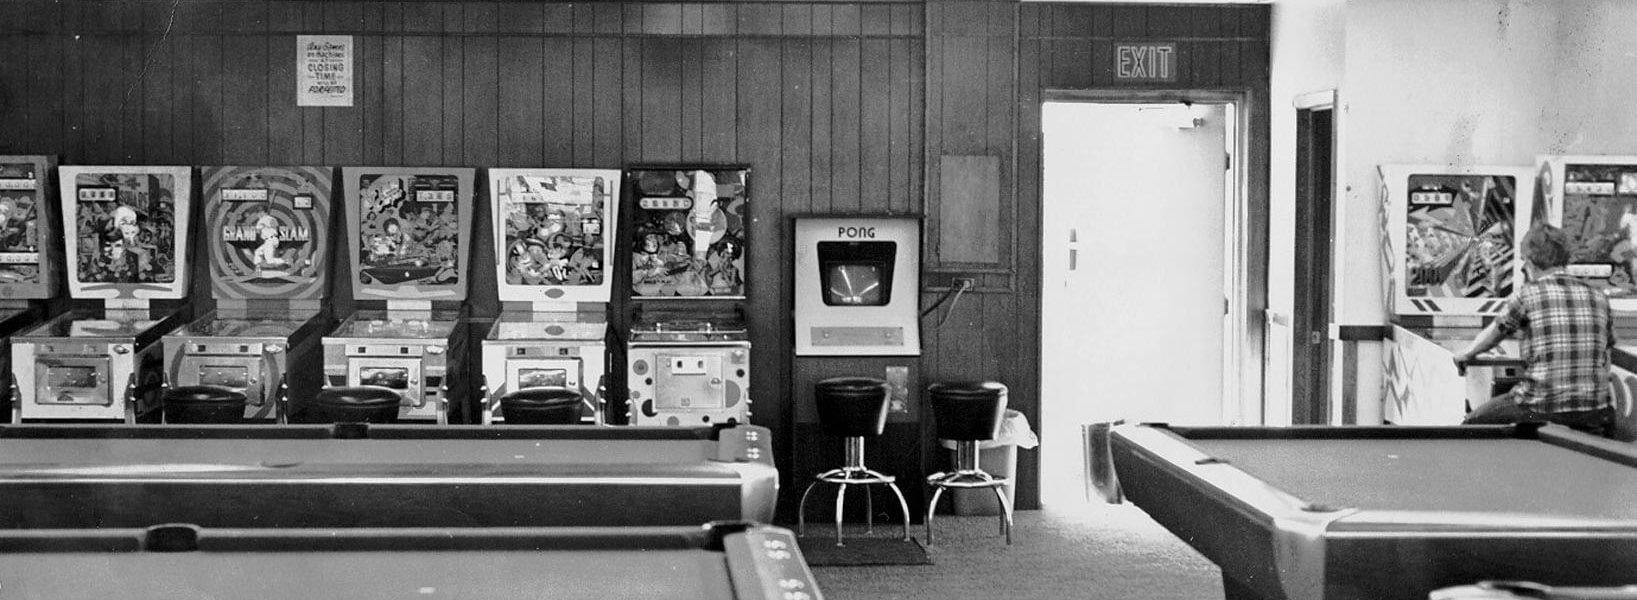 pong-pool